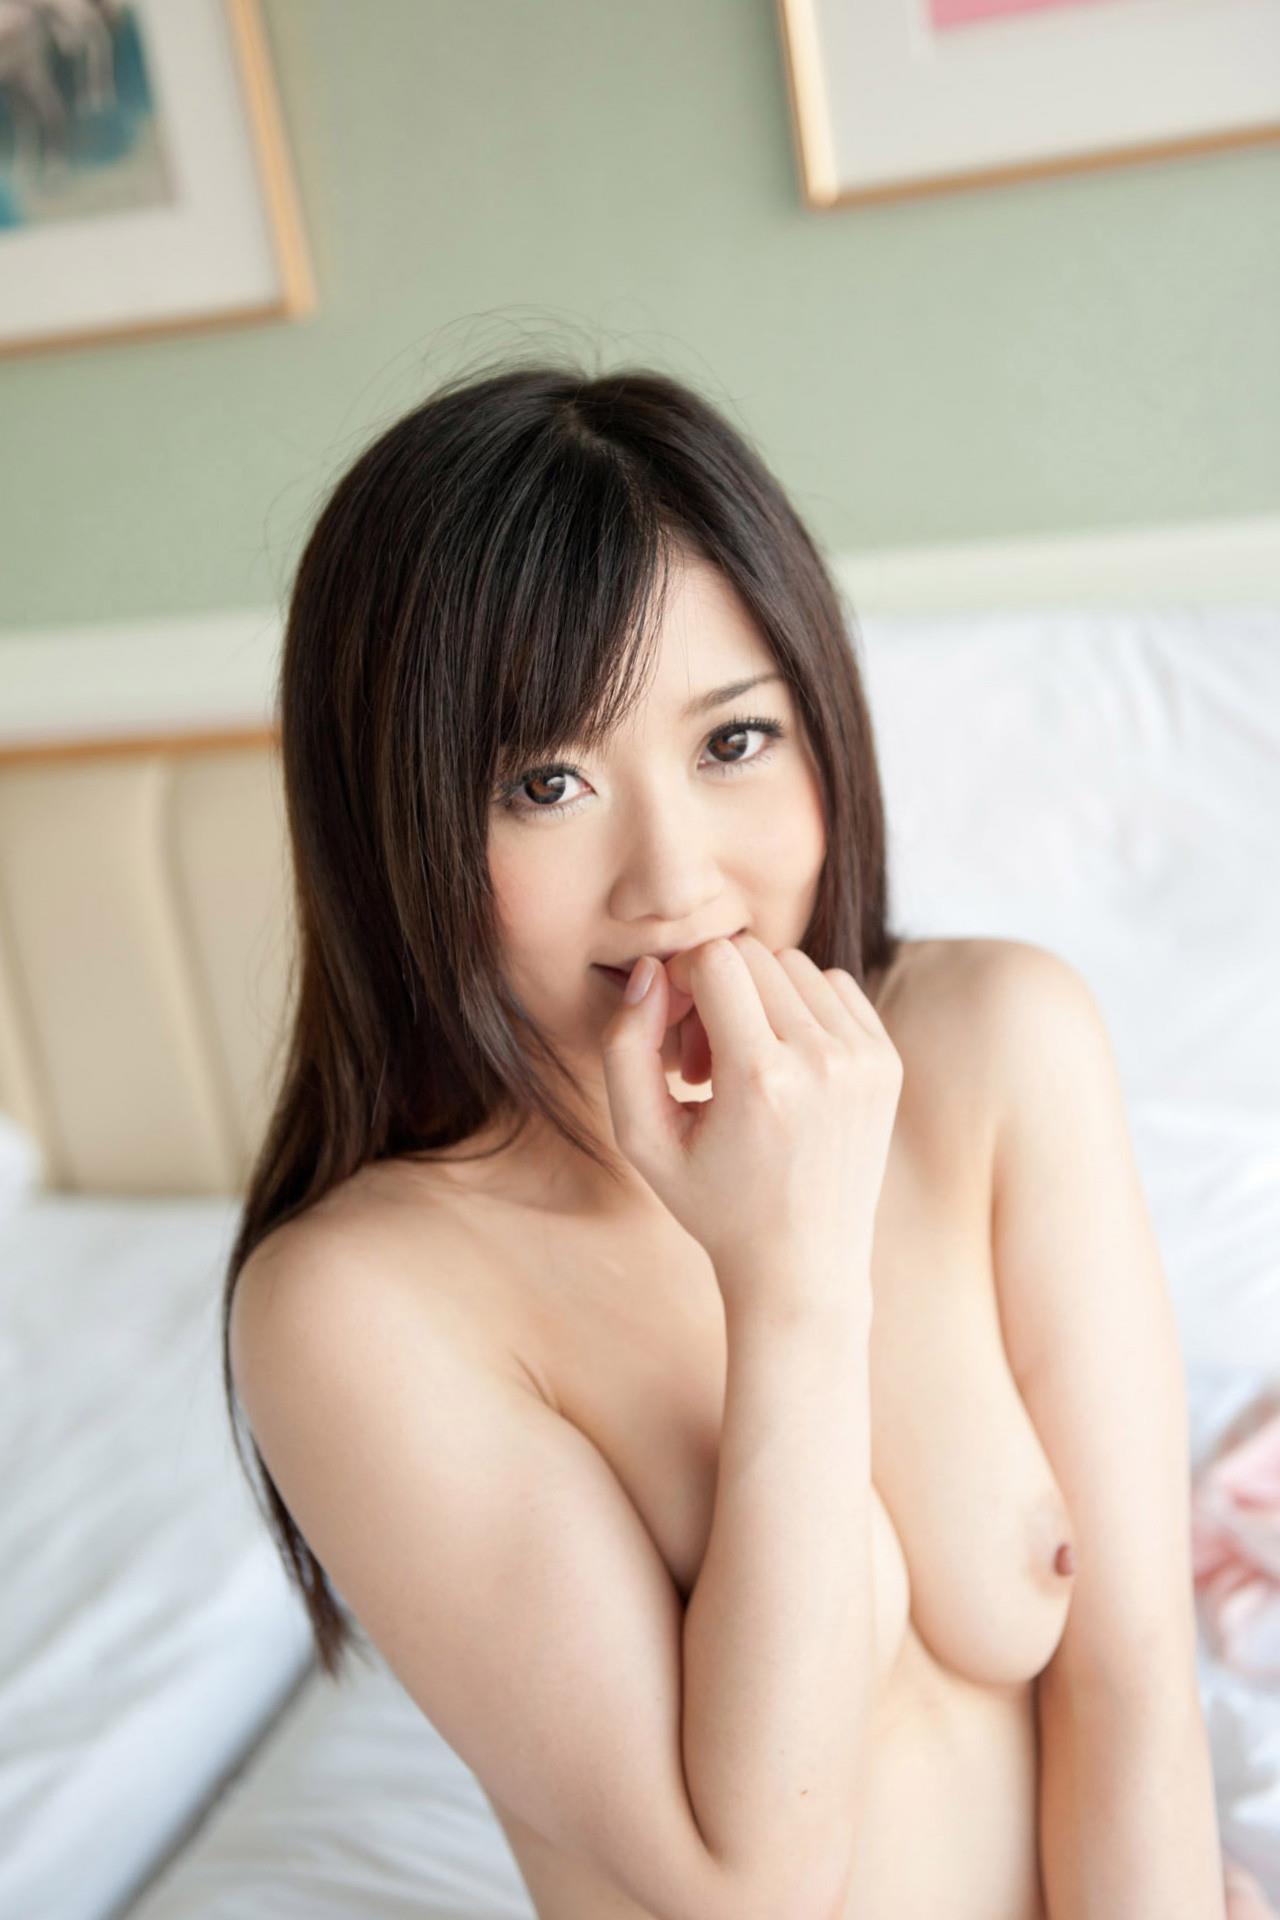 大槻ひびき フェラ画像 115